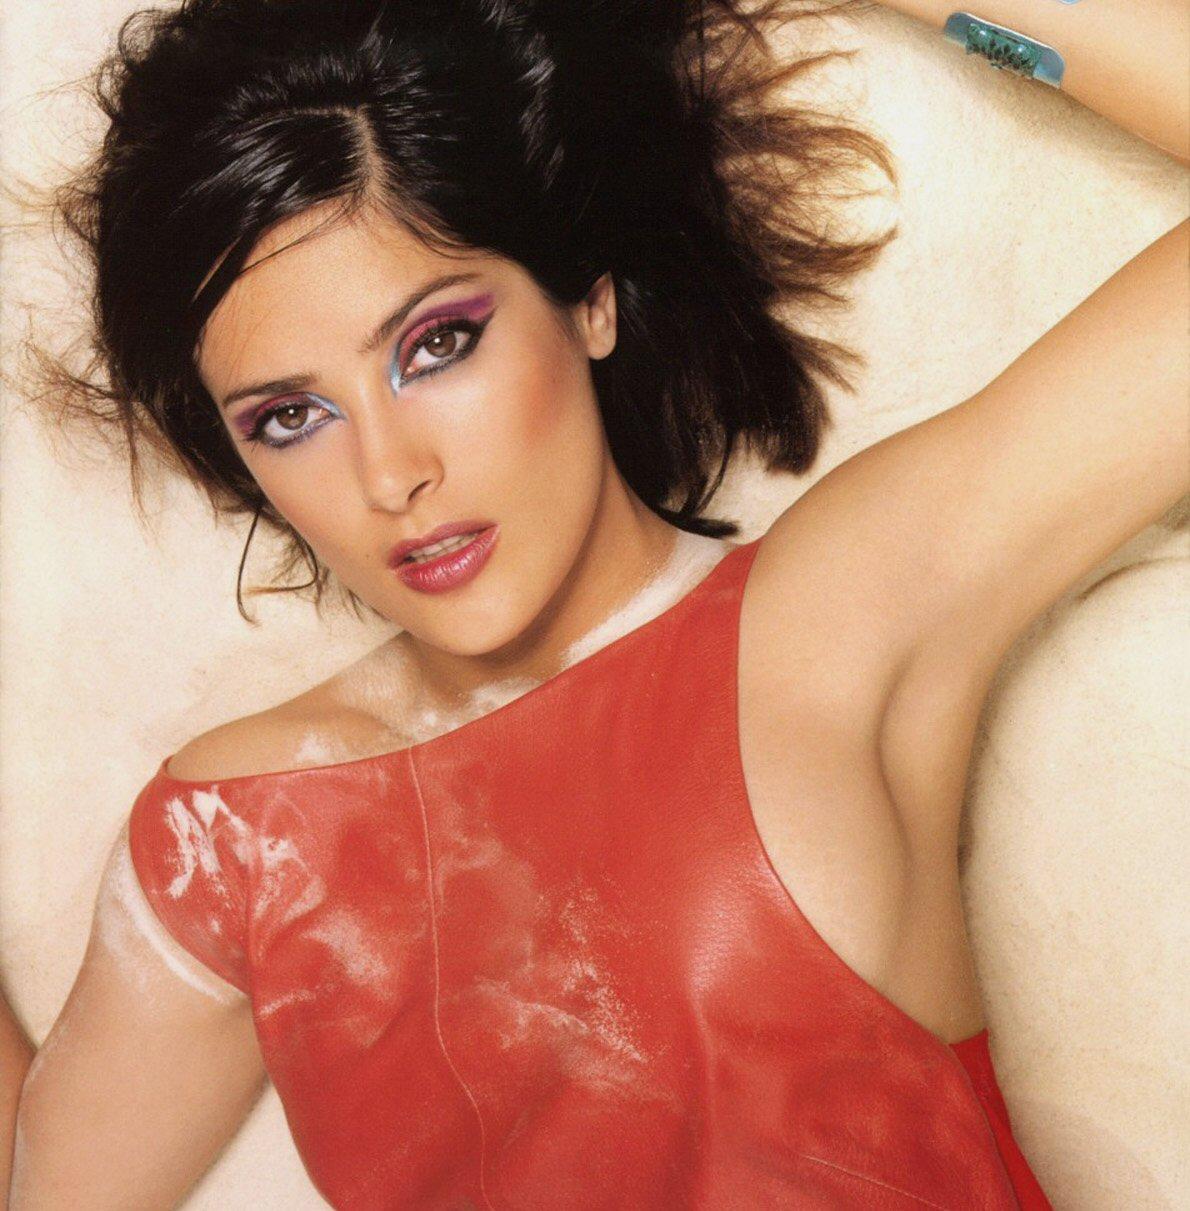 Actress salma hayek consider